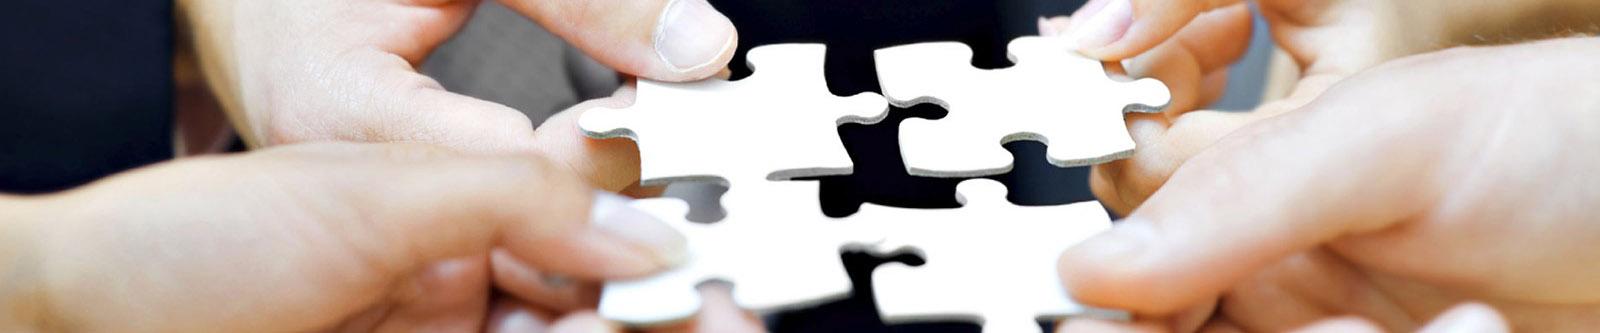 https://www.ihm-technologies.com/wp-content/uploads/2020/04/entete_nos-partenaires.jpg